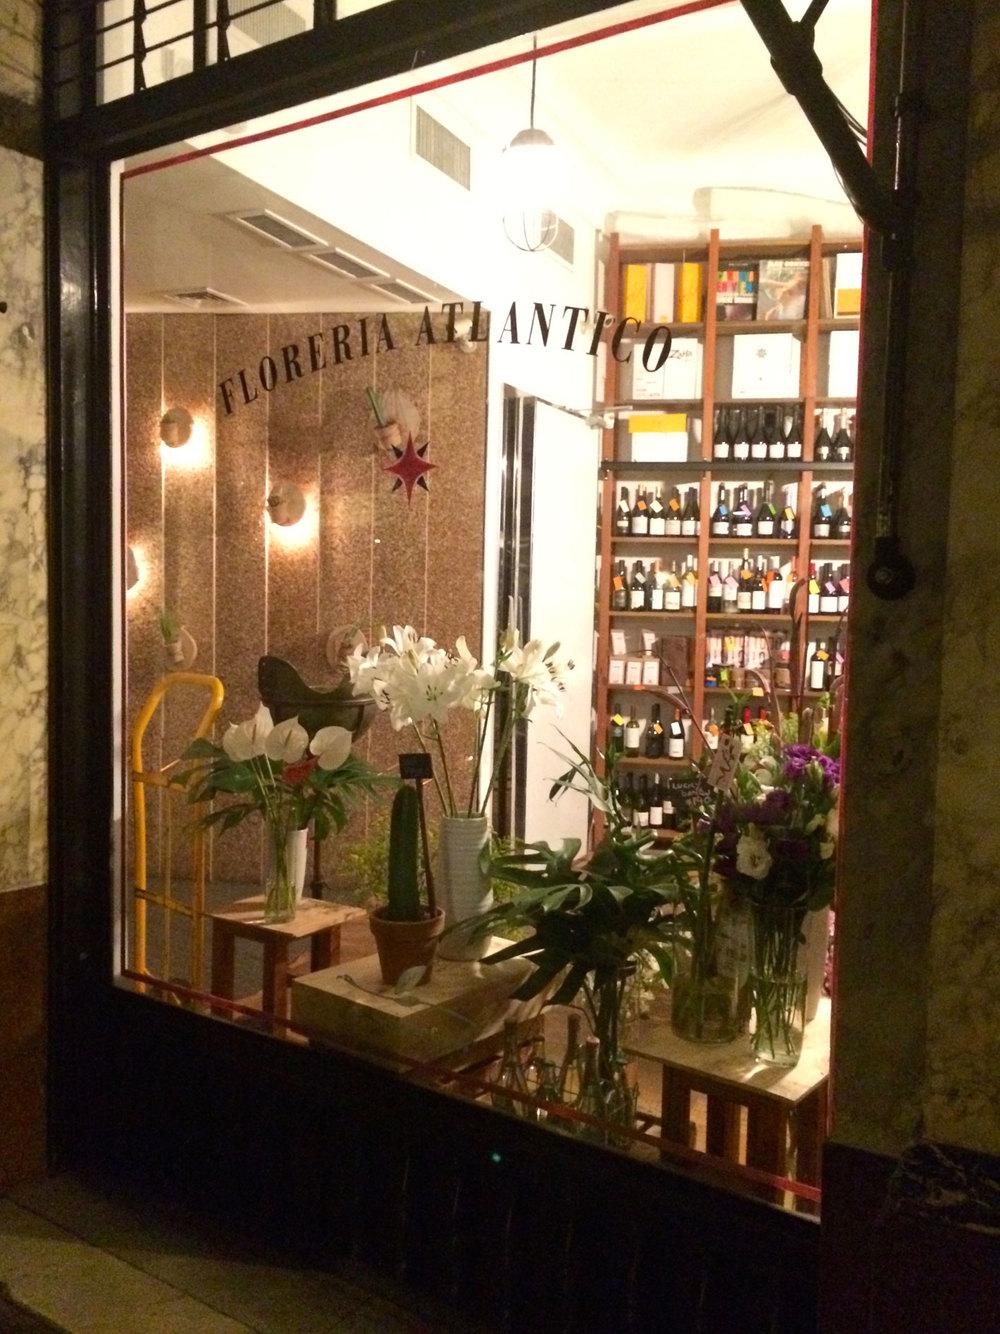 Just an ordinary flower shop...?